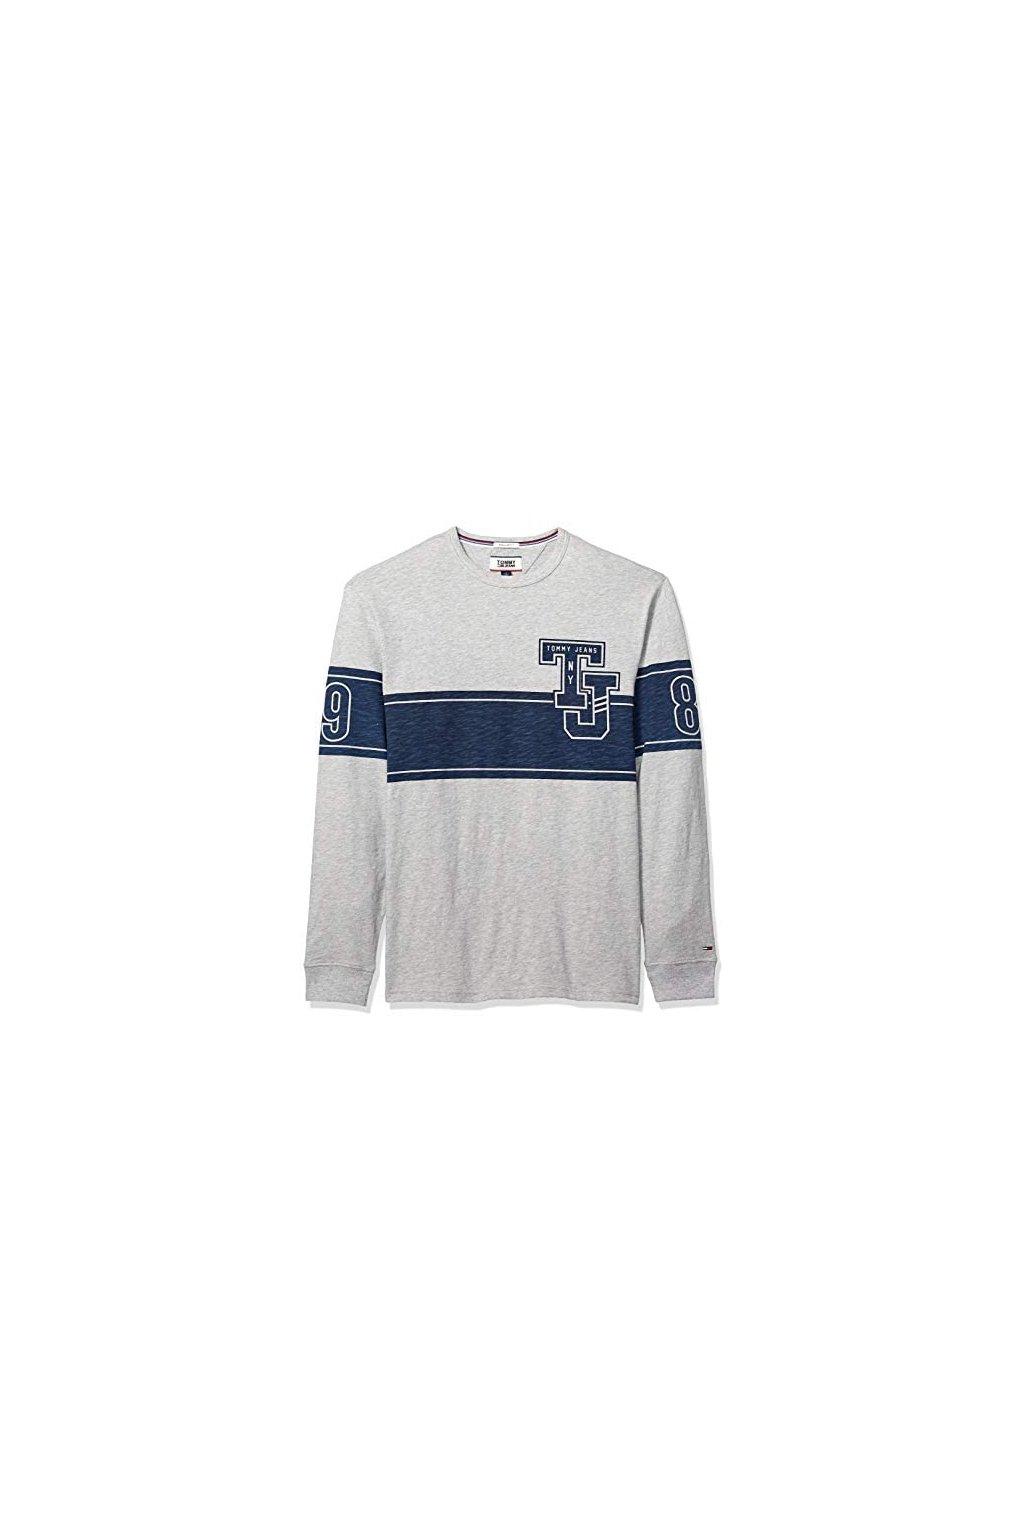 Pánské tričko Tommy Hilfiger DM0DM05198